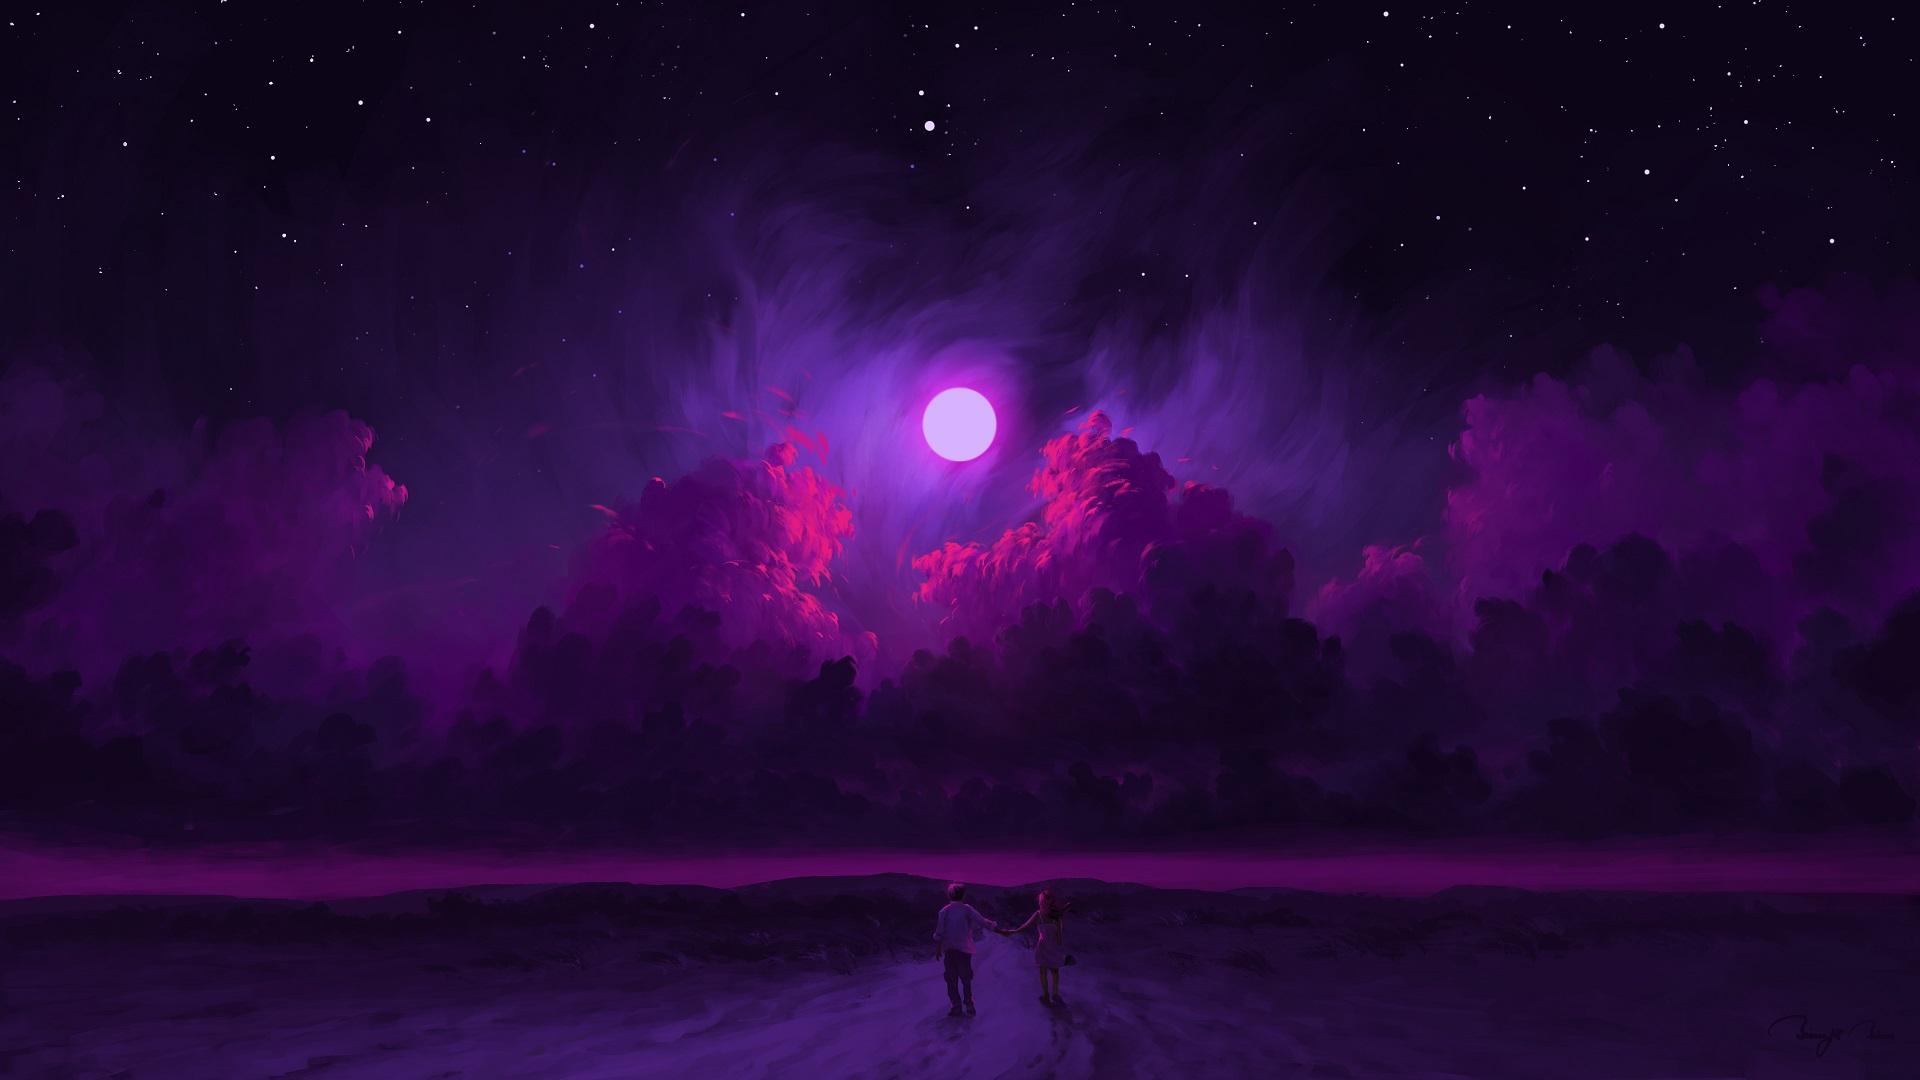 General 1920x1080 digital painting artwork night sky Moon clouds couple BisBiswas purple